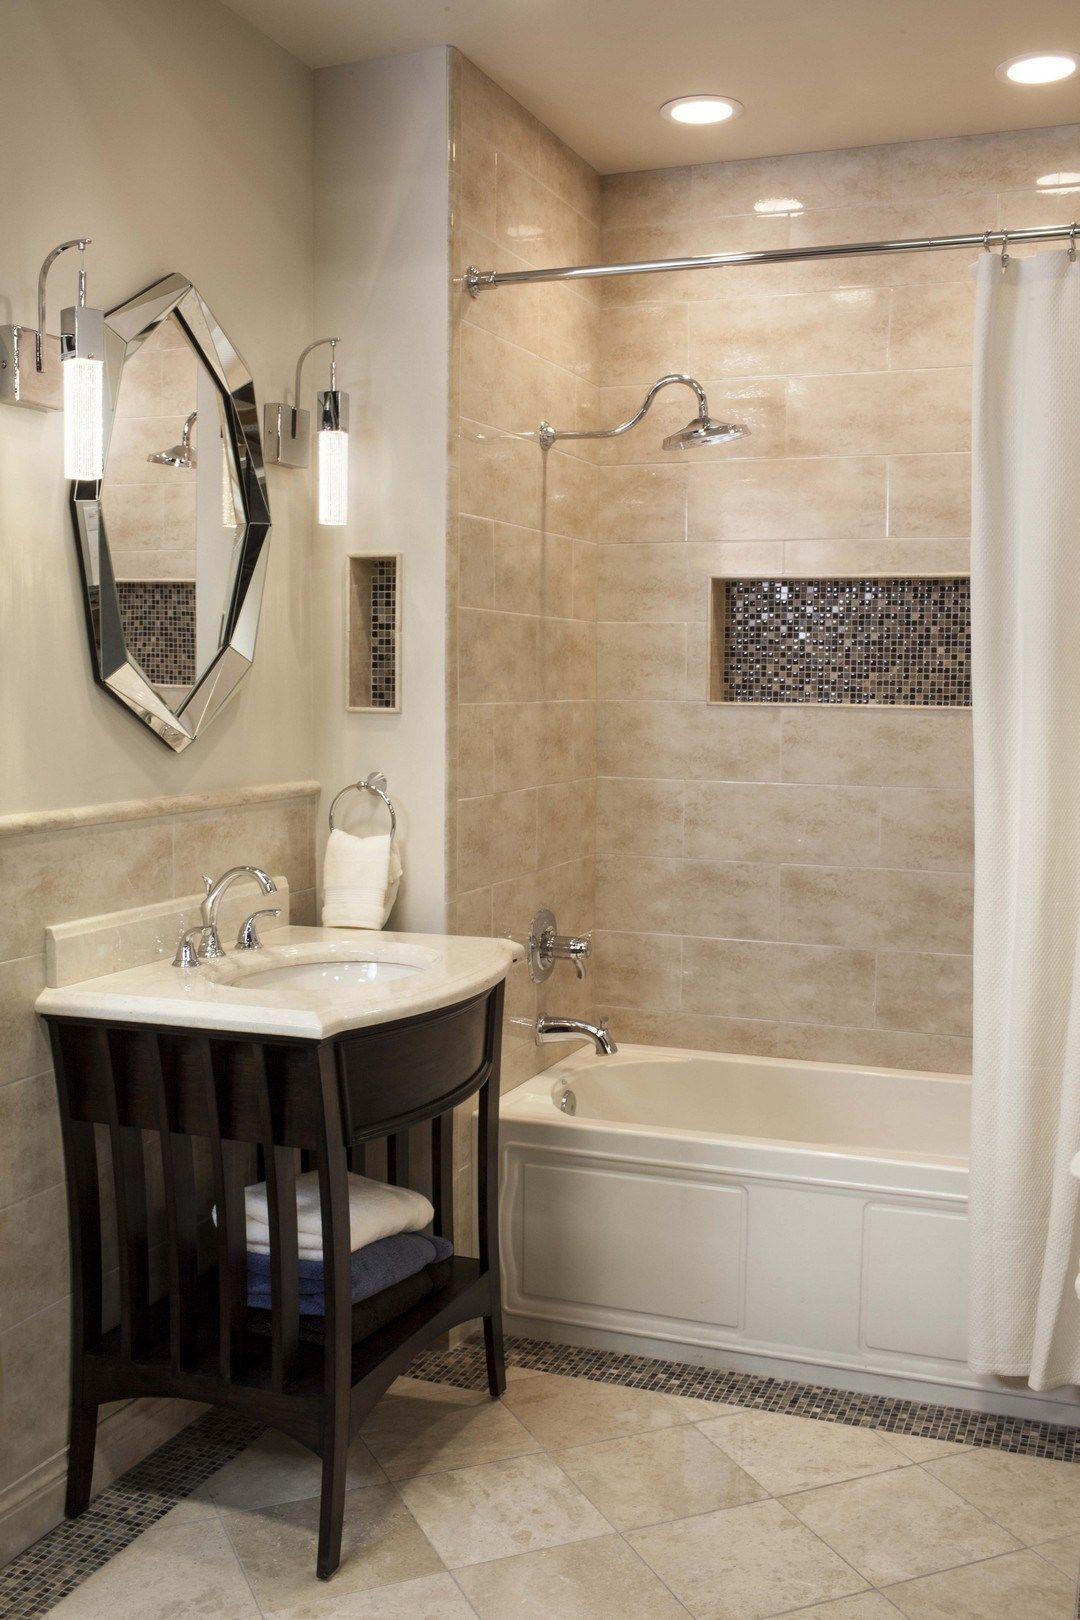 99 New Trends Bathroom Tile Design Inspiration 2017 29: 99 New Trends Bathroom Tile Design Inspiration 2017 (30